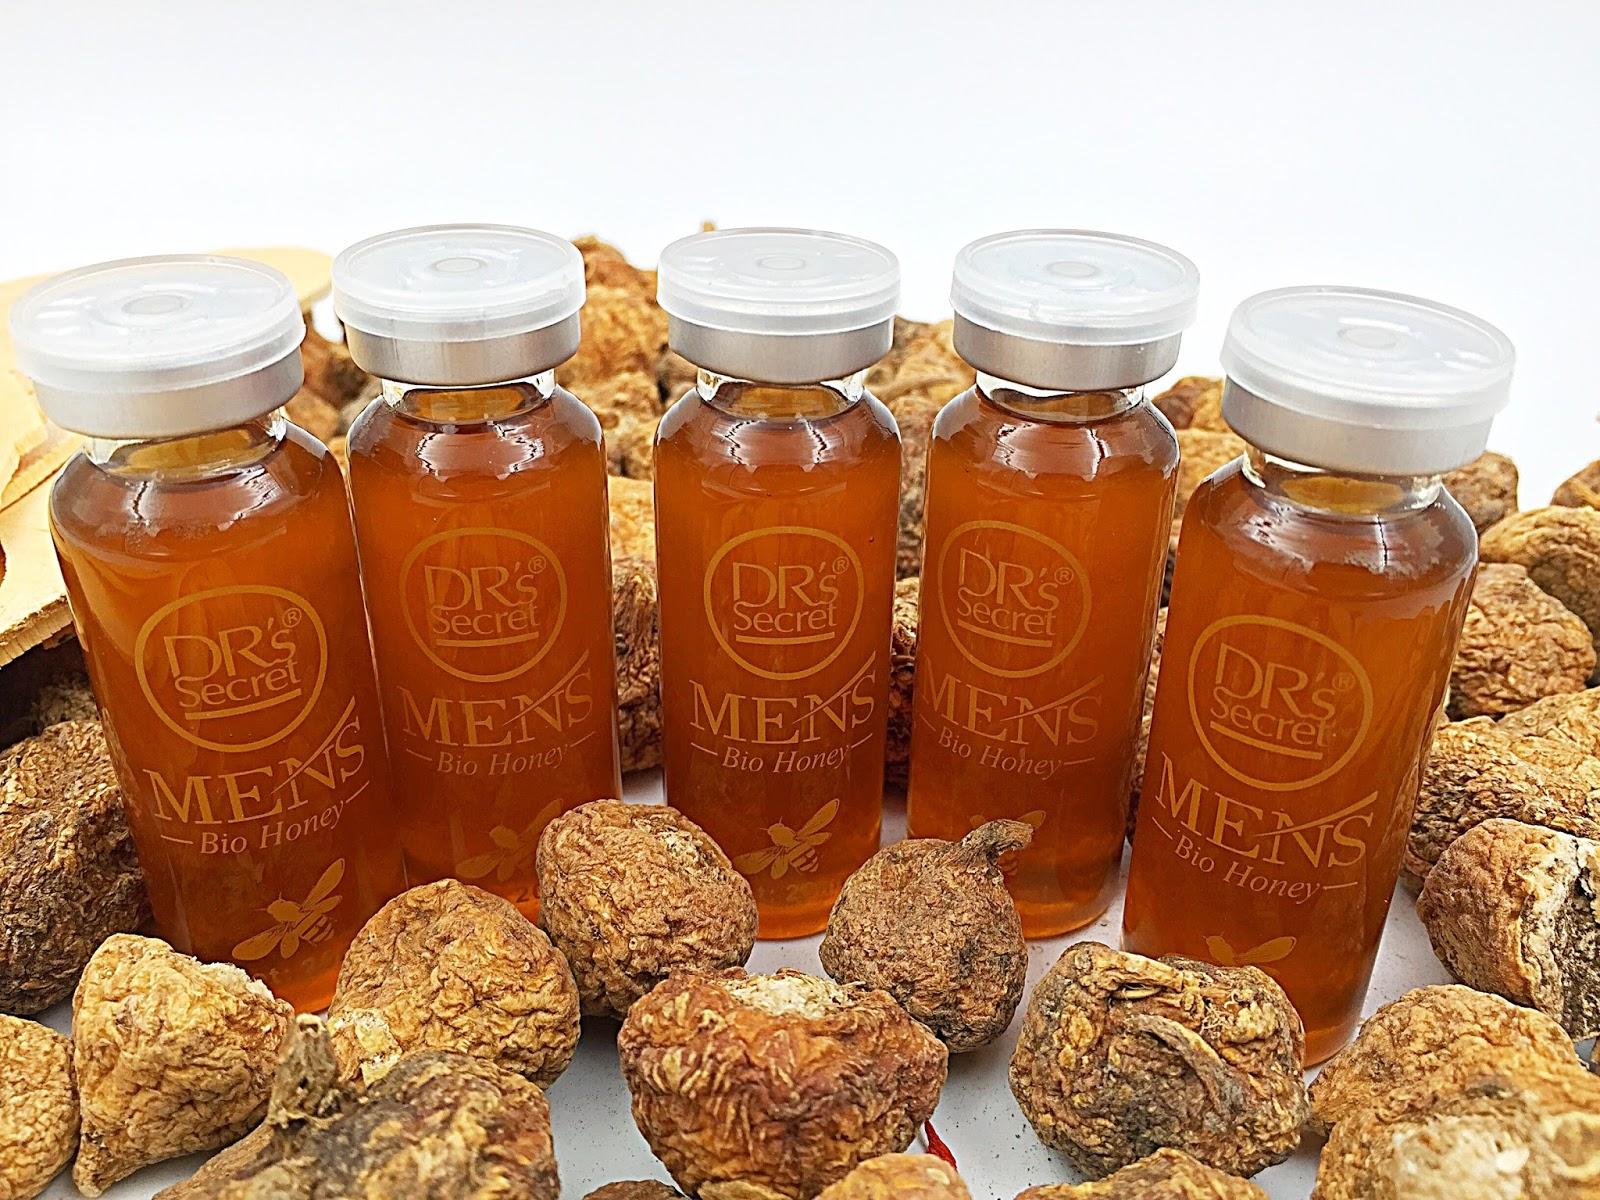 Drs secret worldwide manufacturing tongkat ali herbs of